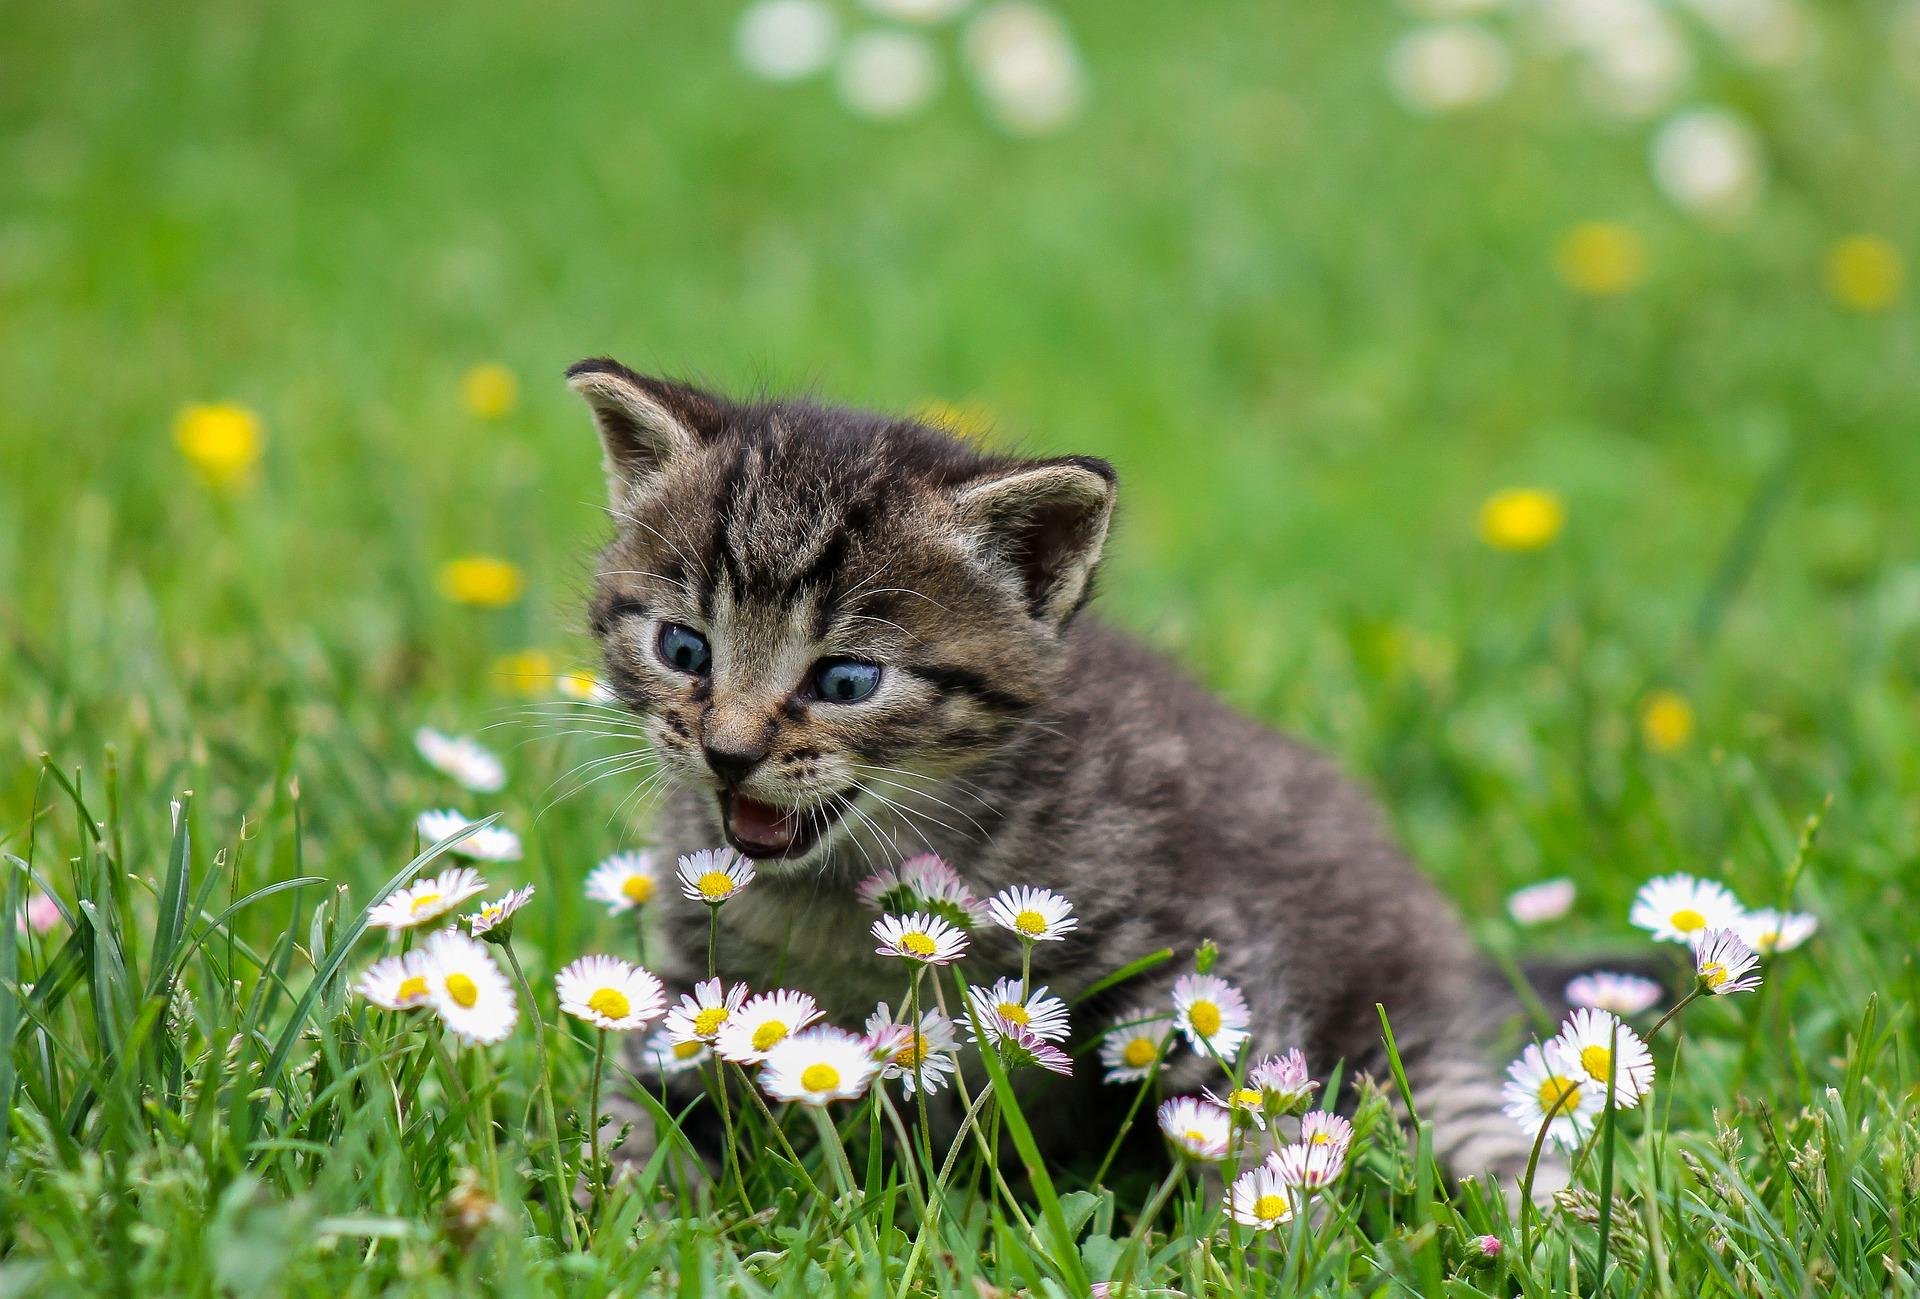 download wallpaper: kitten met madeliefjes wallpaper